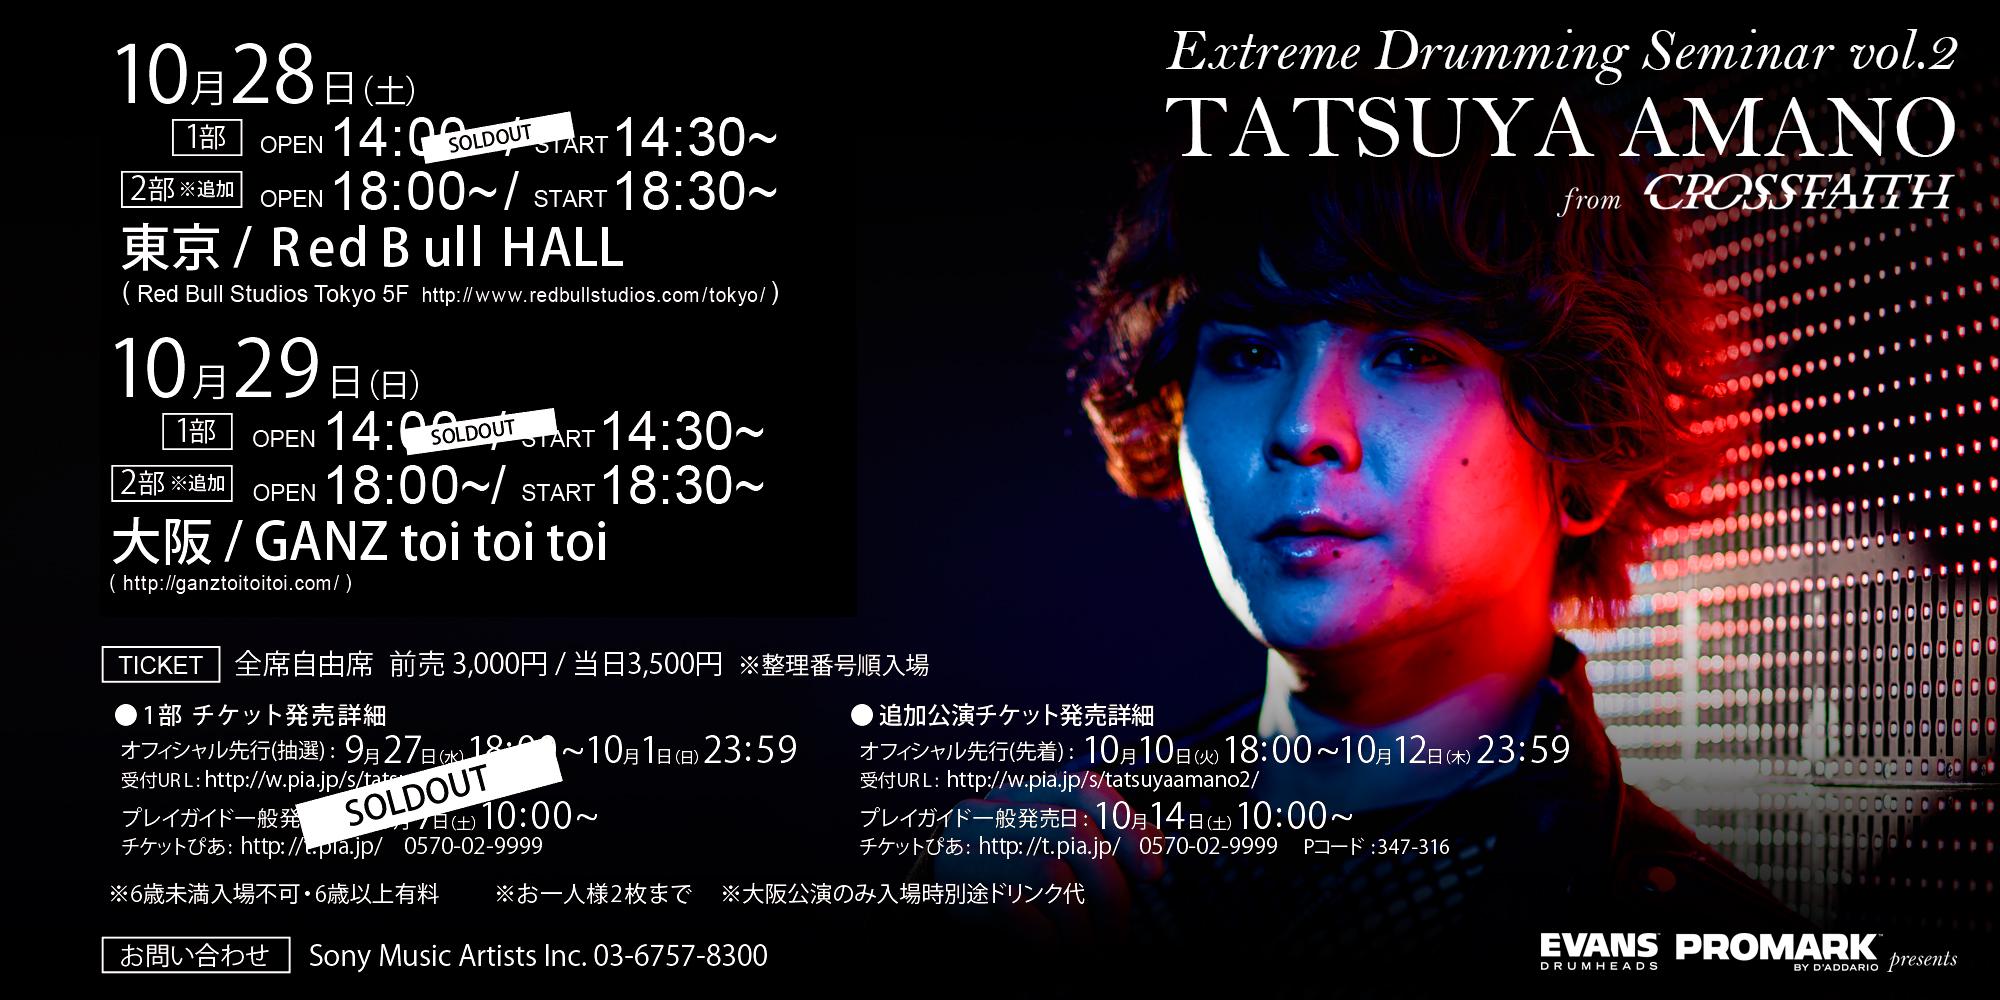 Tatsuya Amano ドラムセミナー即日完売。追加公演販売開始!